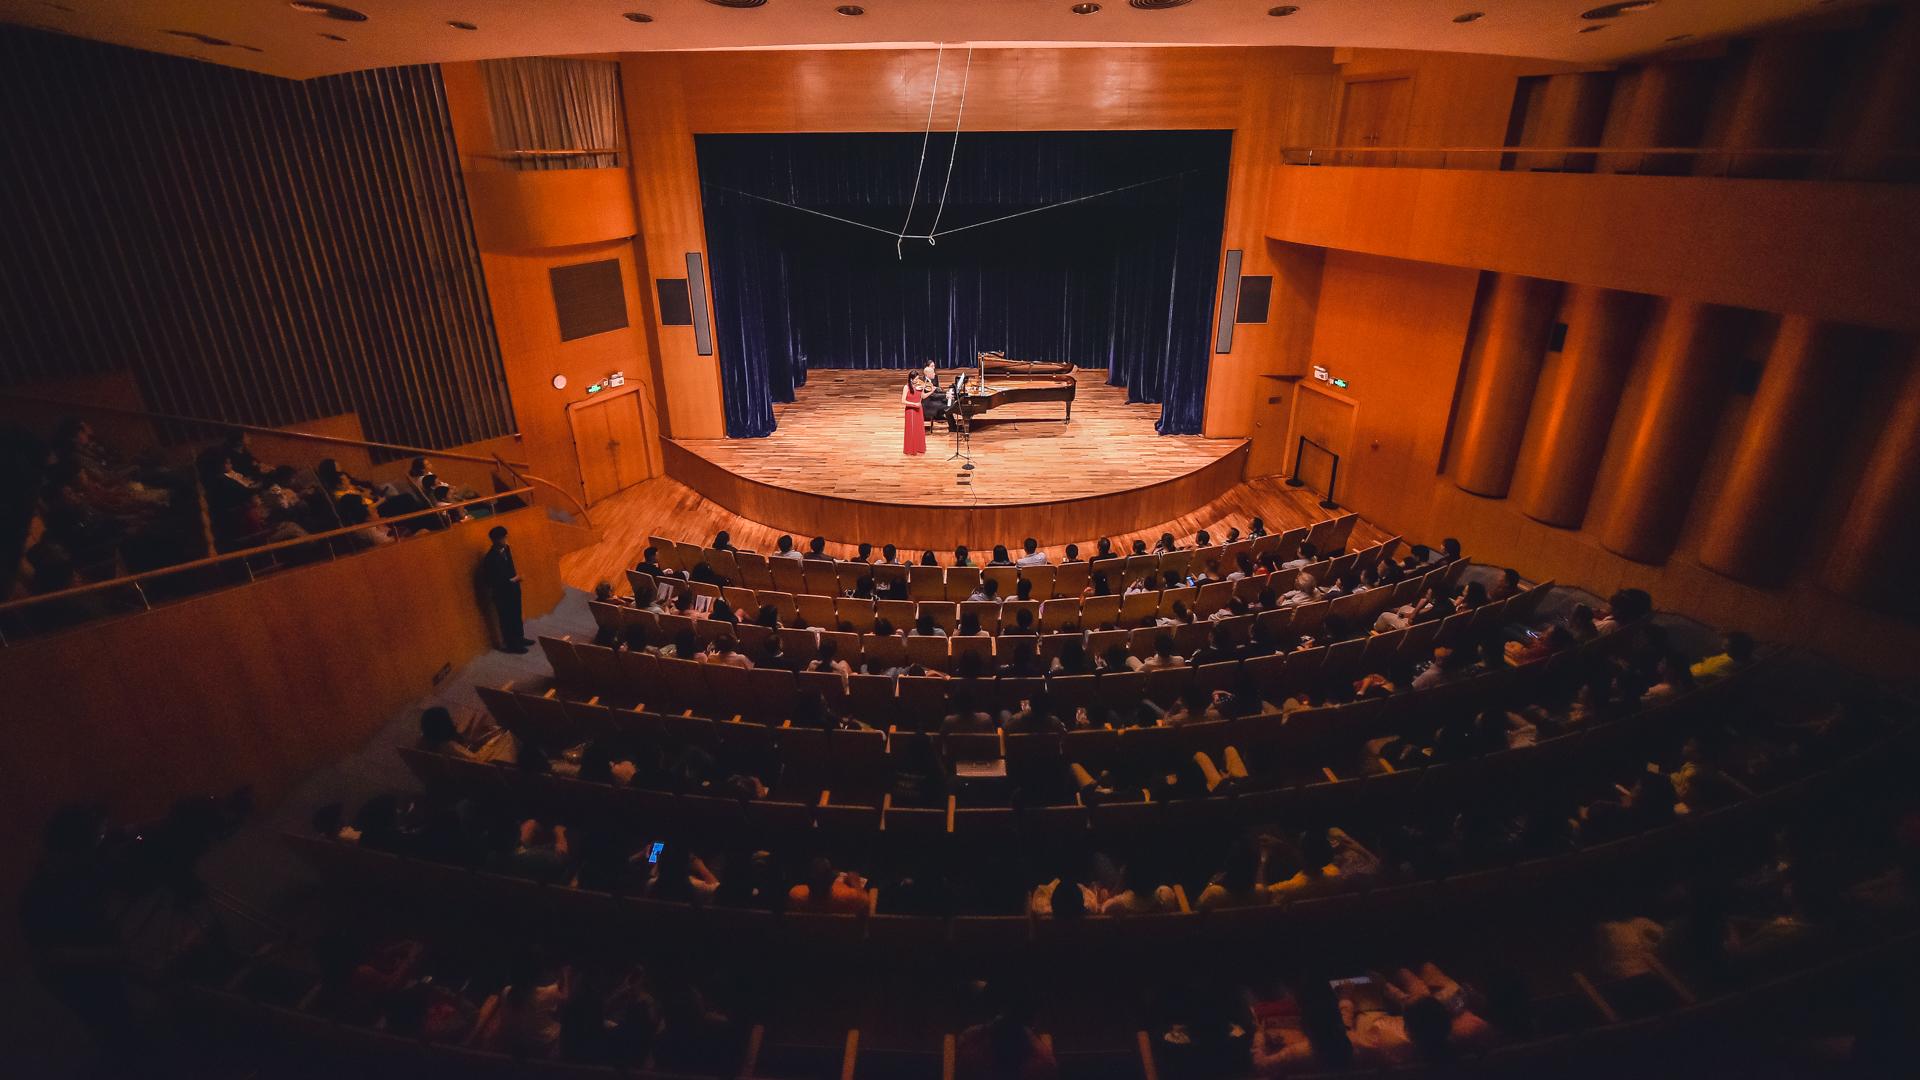 Concert in Guangzhou, China